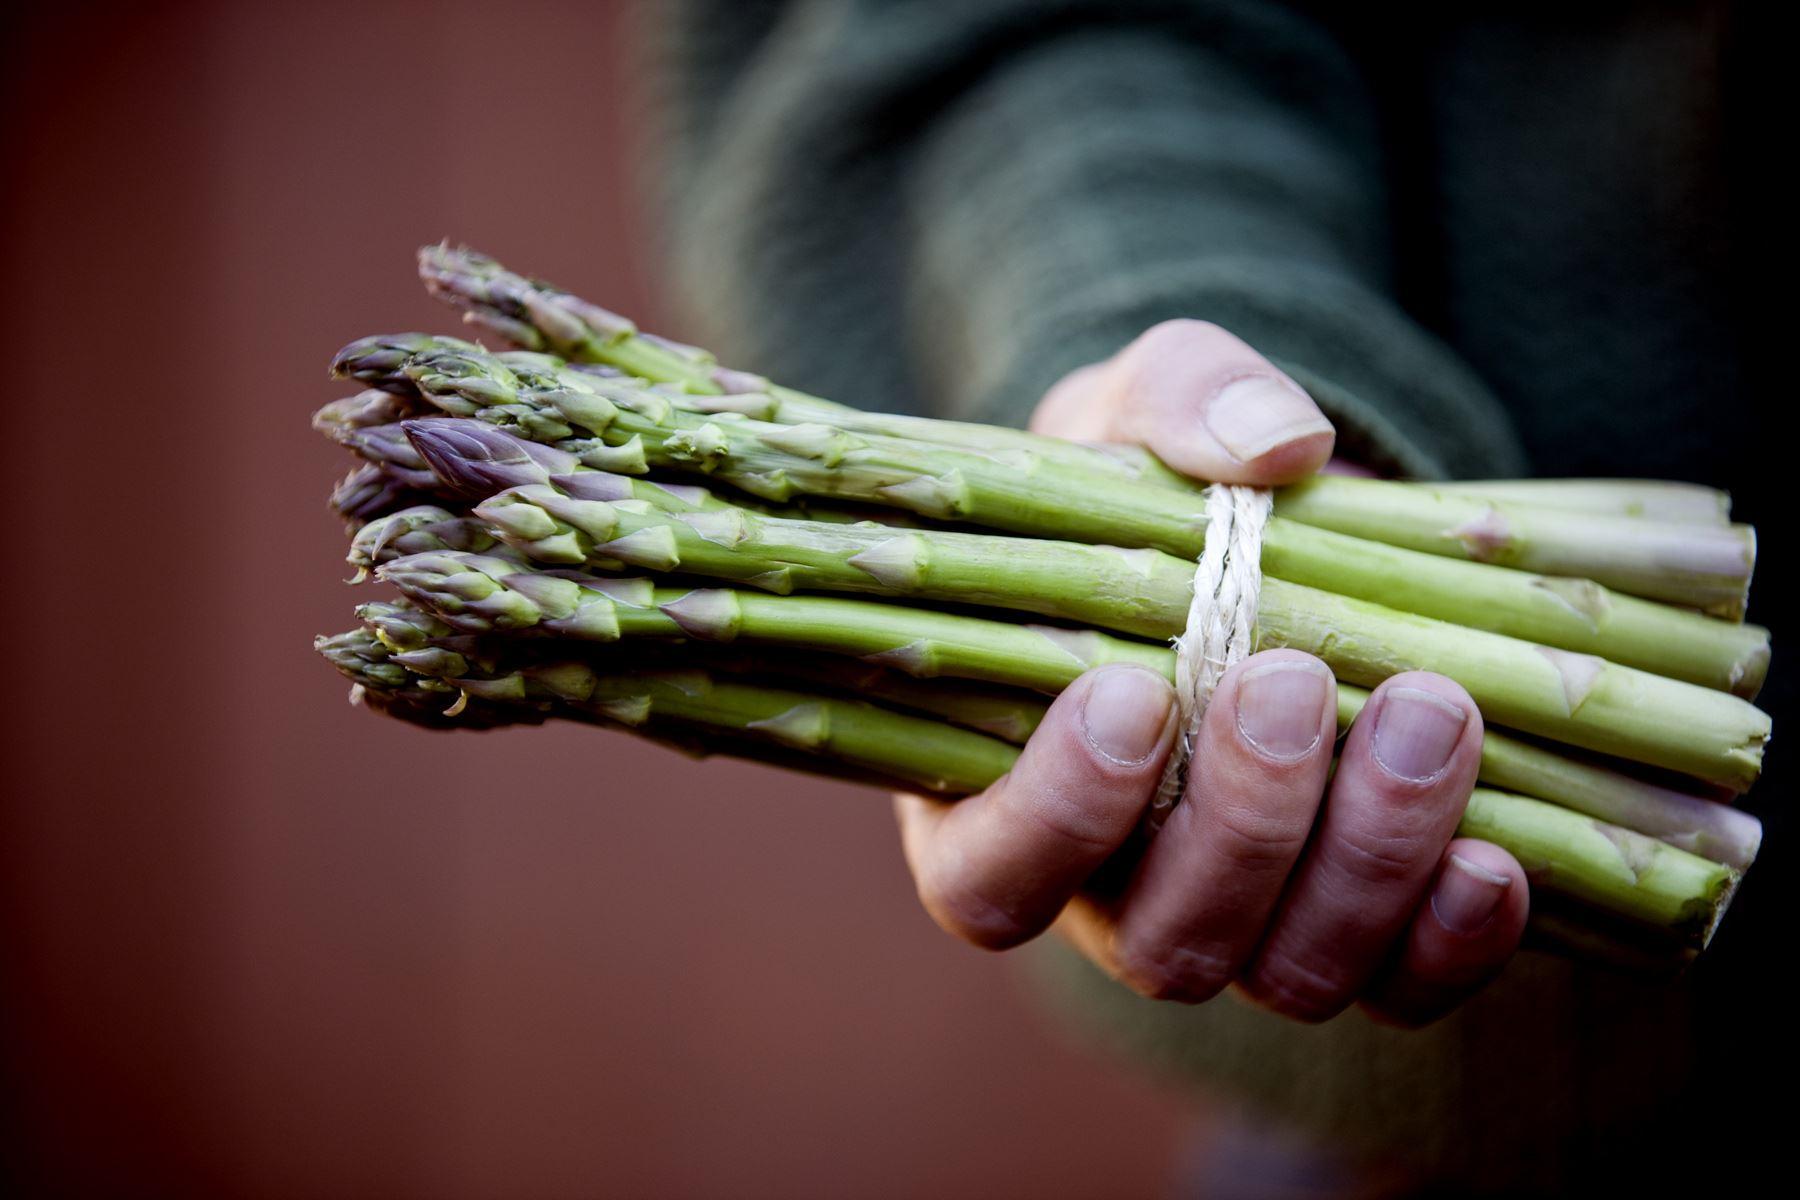 hvordan man øger sædstyrken naturligt